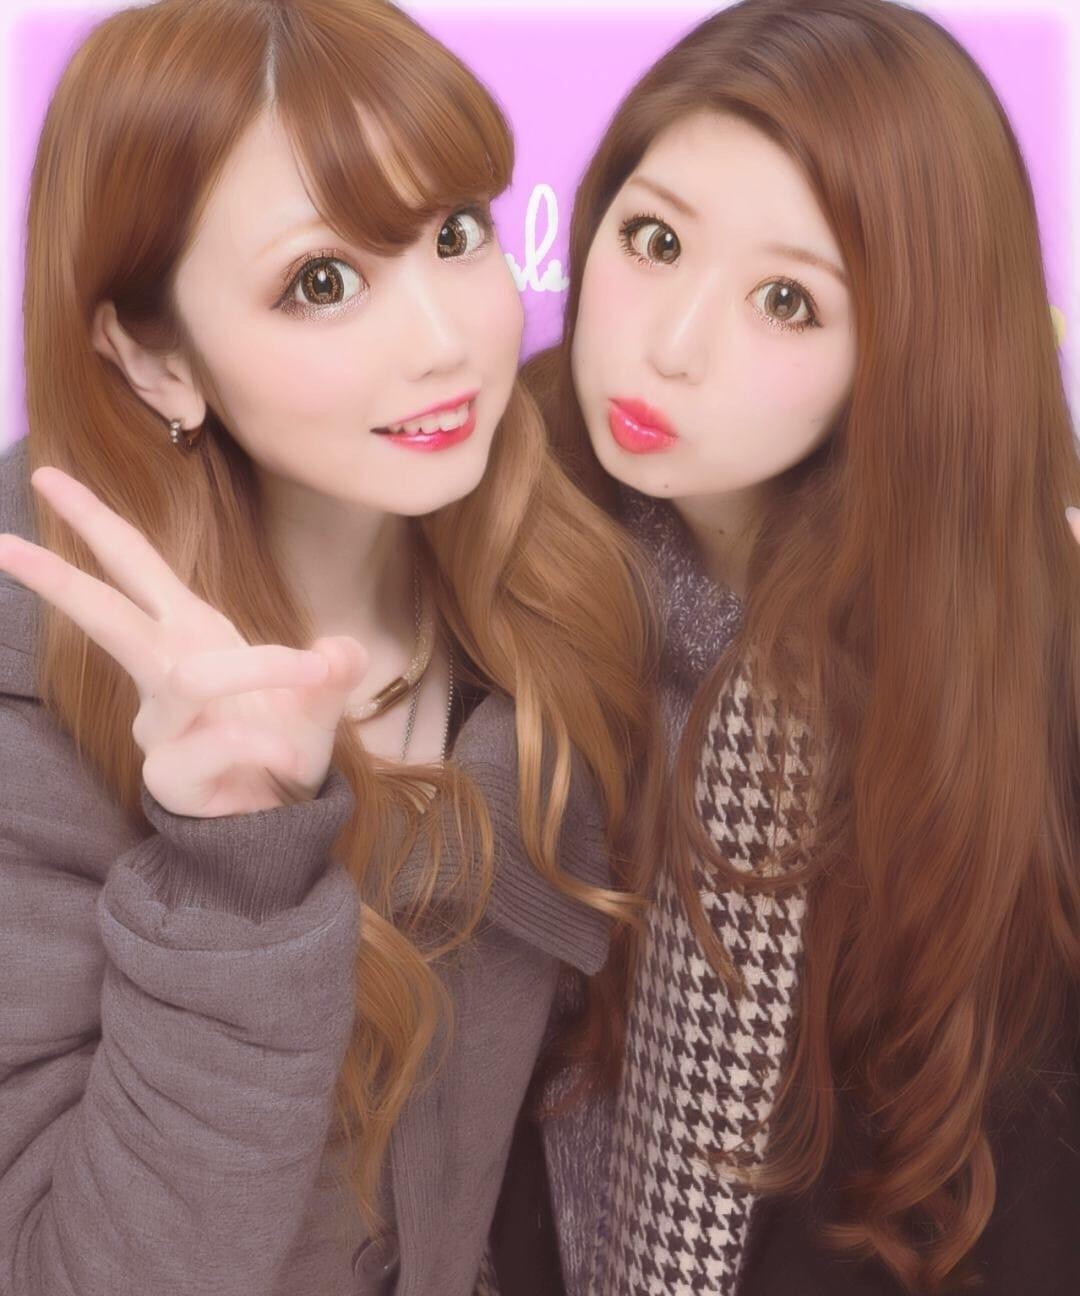 「えりなです!」12/12(12/12) 18:54   えりなの写メ・風俗動画